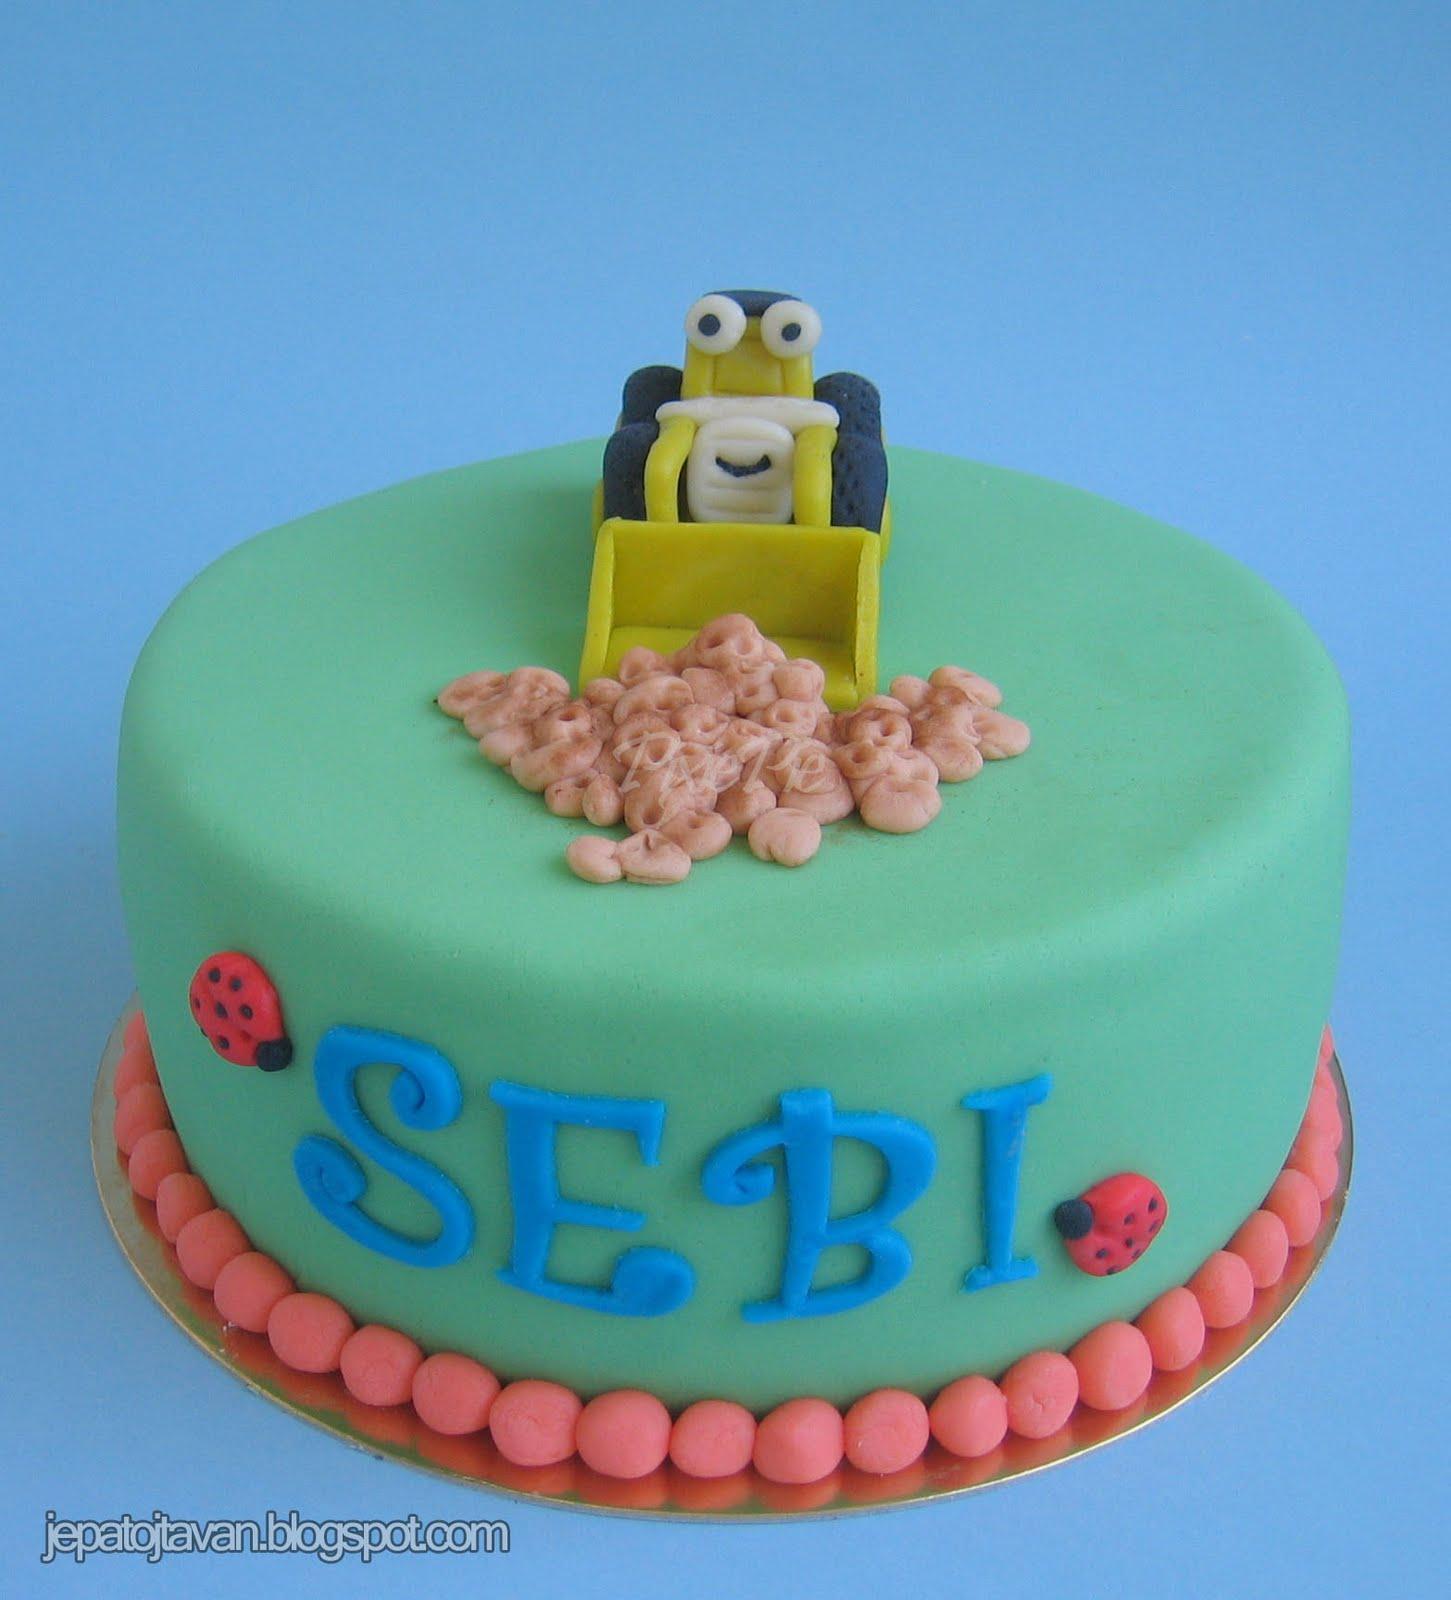 fiús szülinapi torták Jépatojta van!: Gépek hajnala, avagy fiús torták egy kupacban fiús szülinapi torták